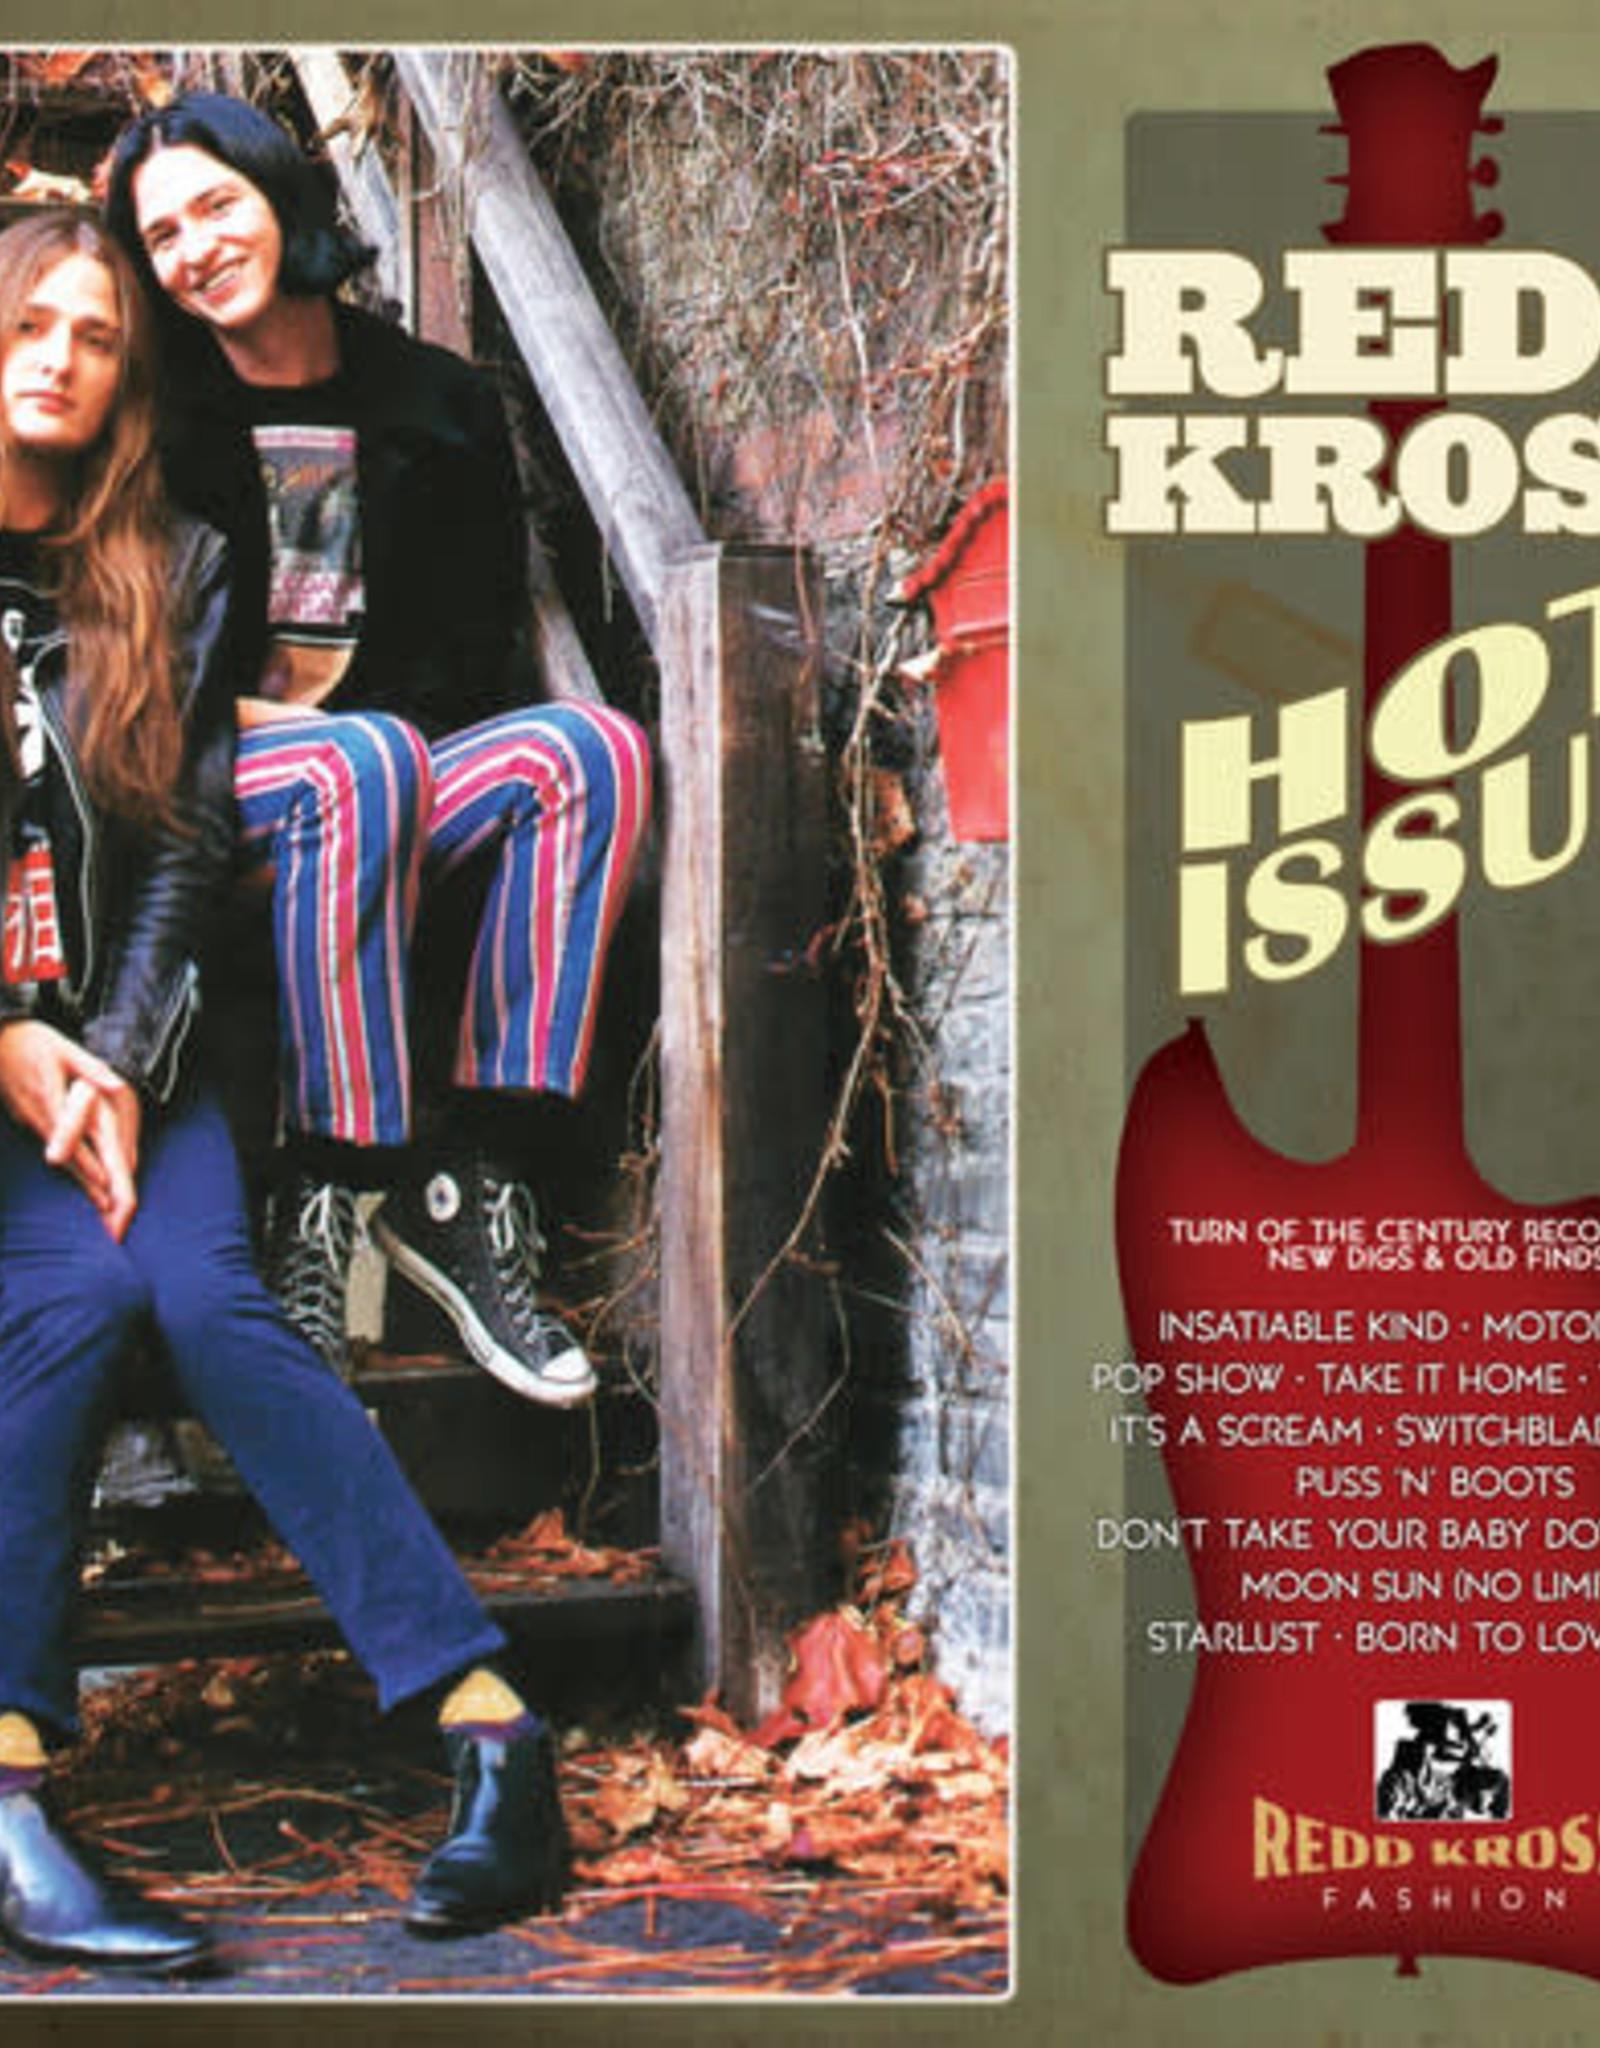 Redd Kross - Hot Issue